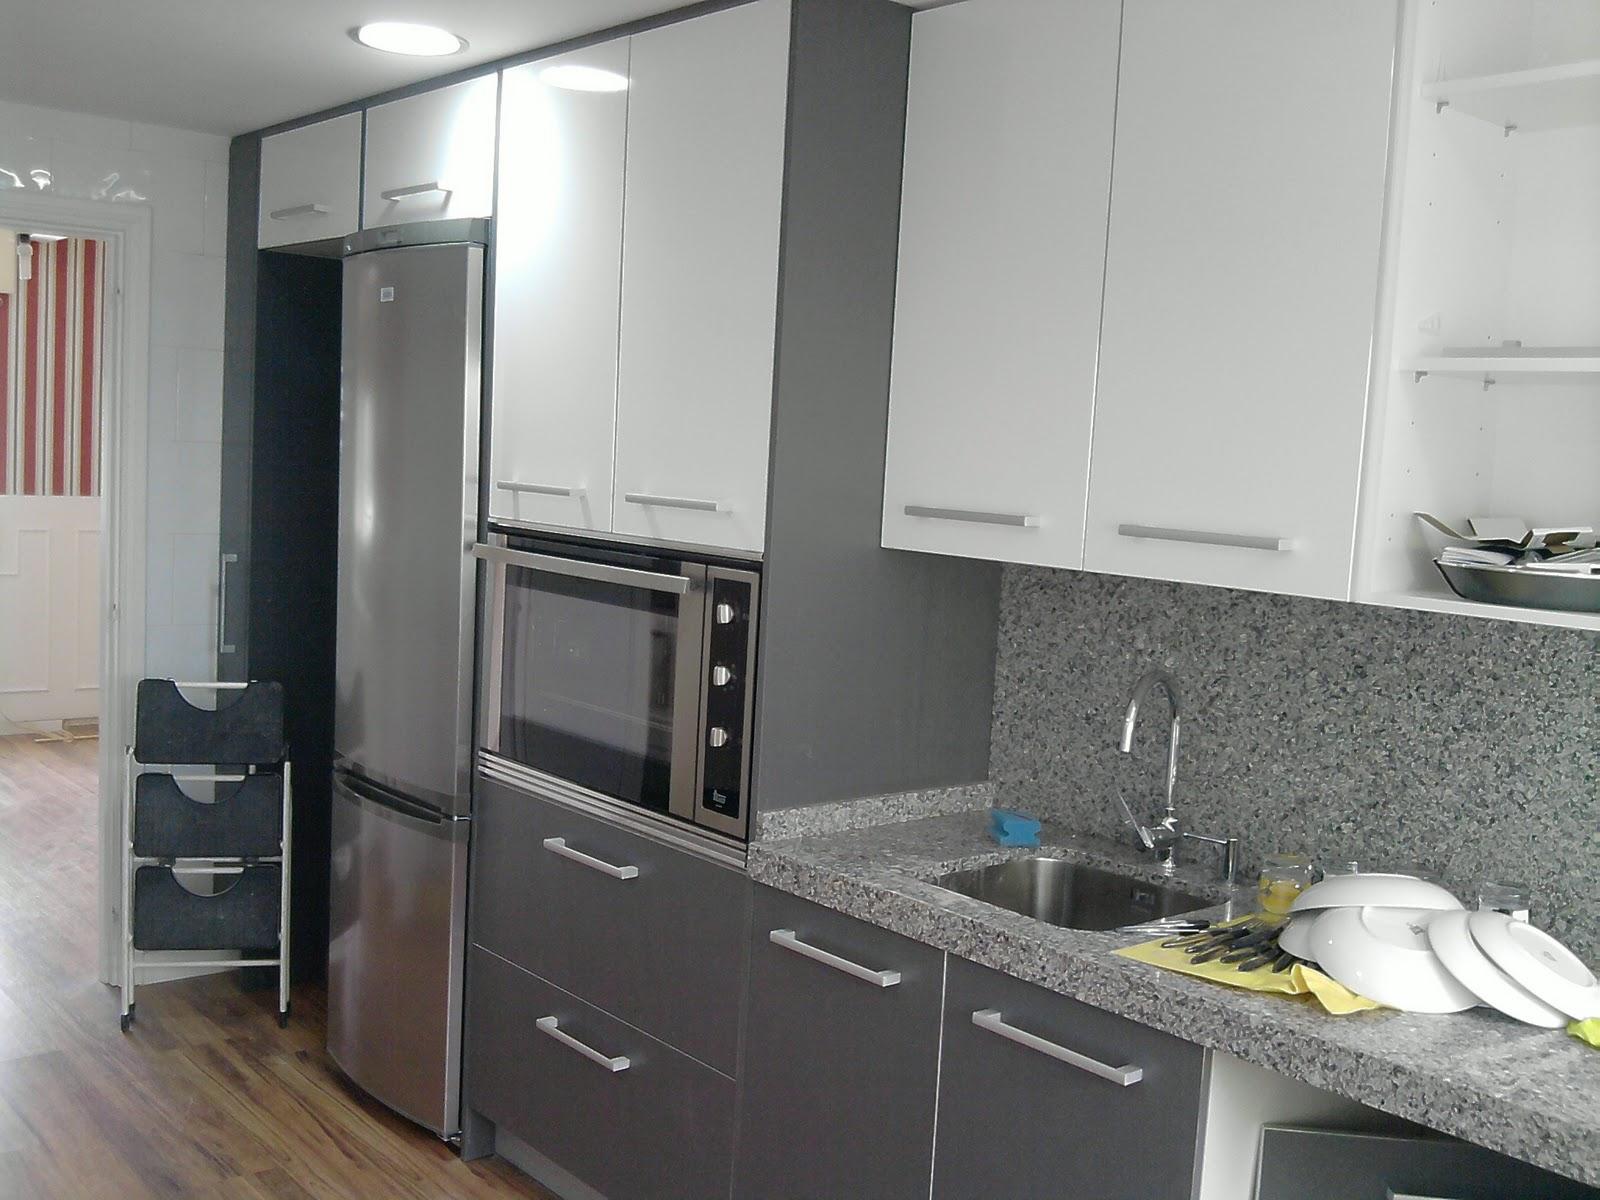 Cocinas fotos de cocinas for Cocina blanca encimera granito negra